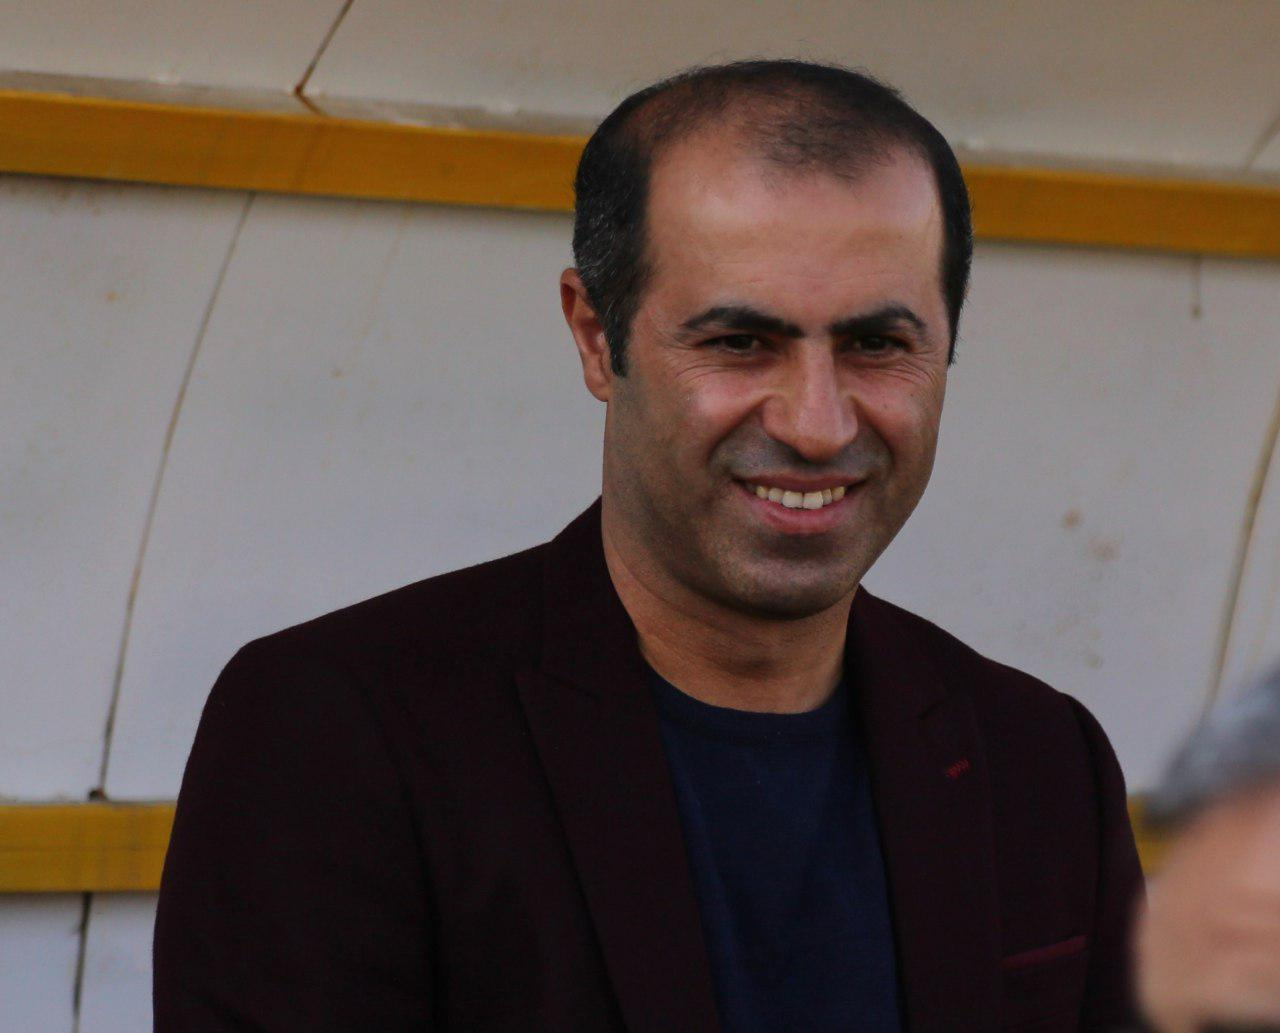 ابراهیم محمودی: اتفاقات عجیب در سیرجان مسبوق به سابقه است!